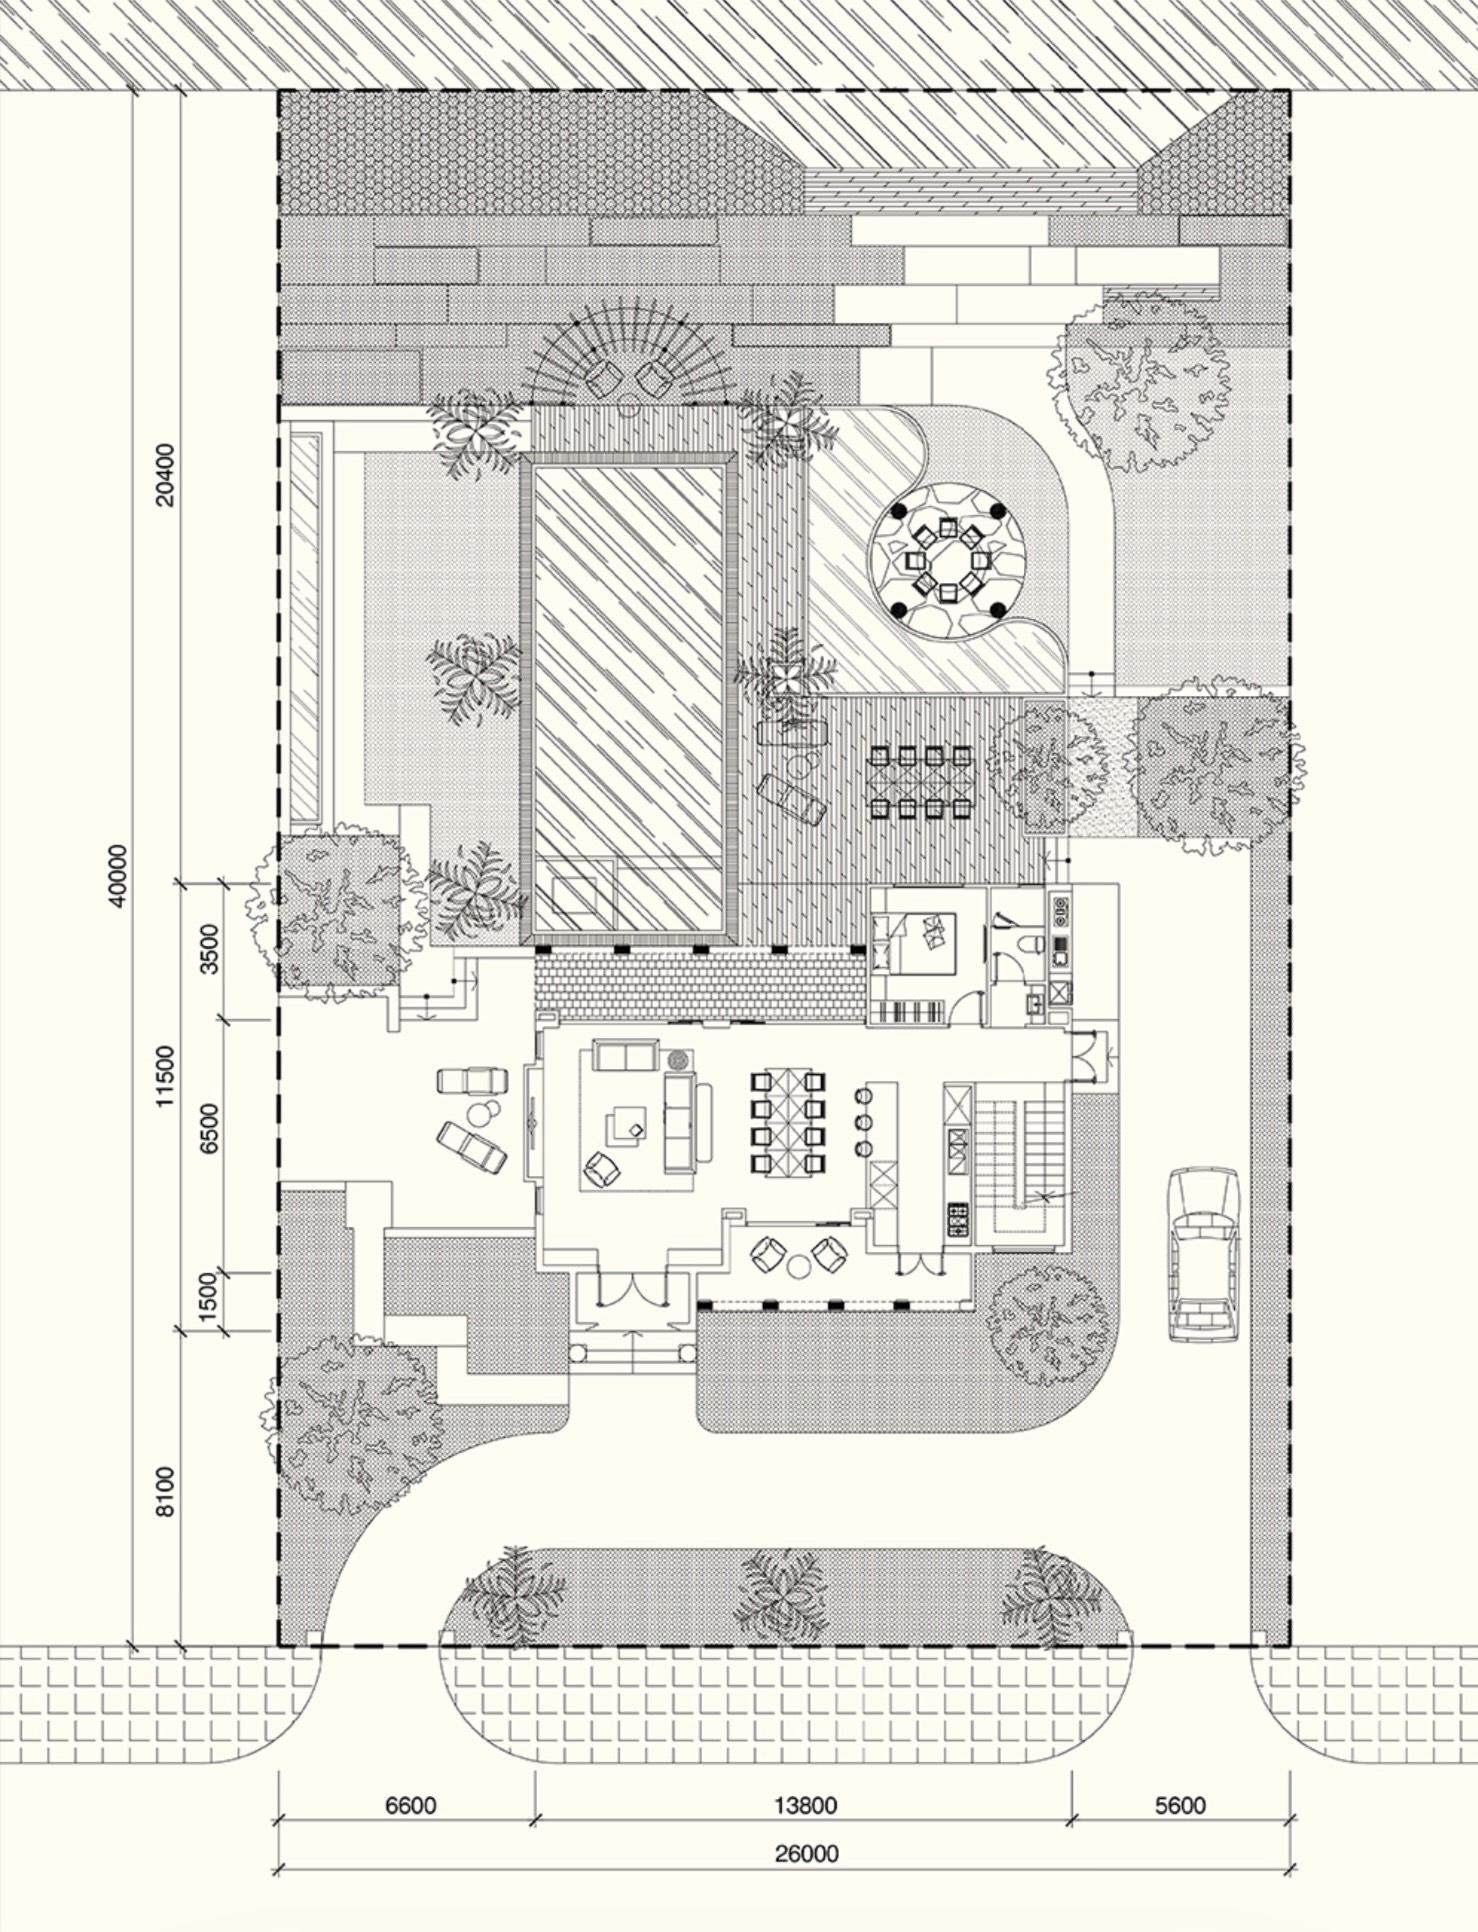 Thiết kế chi tiết mẫu biệt thự Saigon Garden Riveverside Village Quận 9